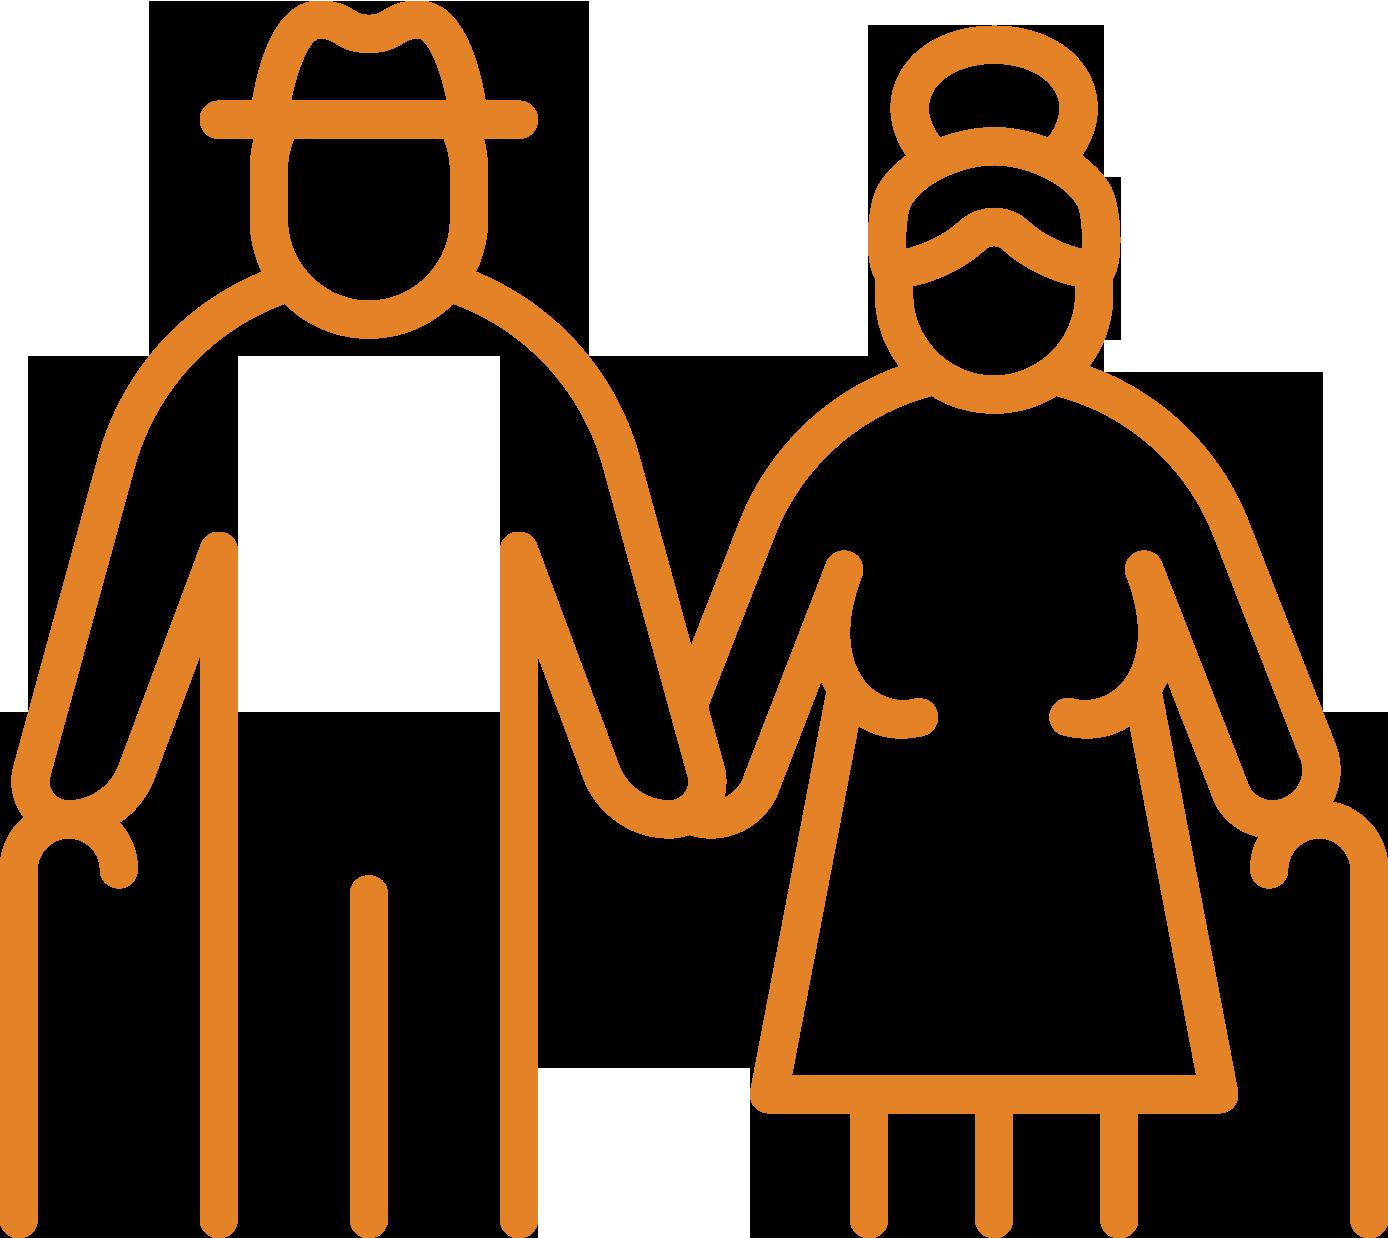 24-Stunden-Zuhause-Pflege - Pflegeagentur Senioren Anker - Wandzioch - Bremerhaven